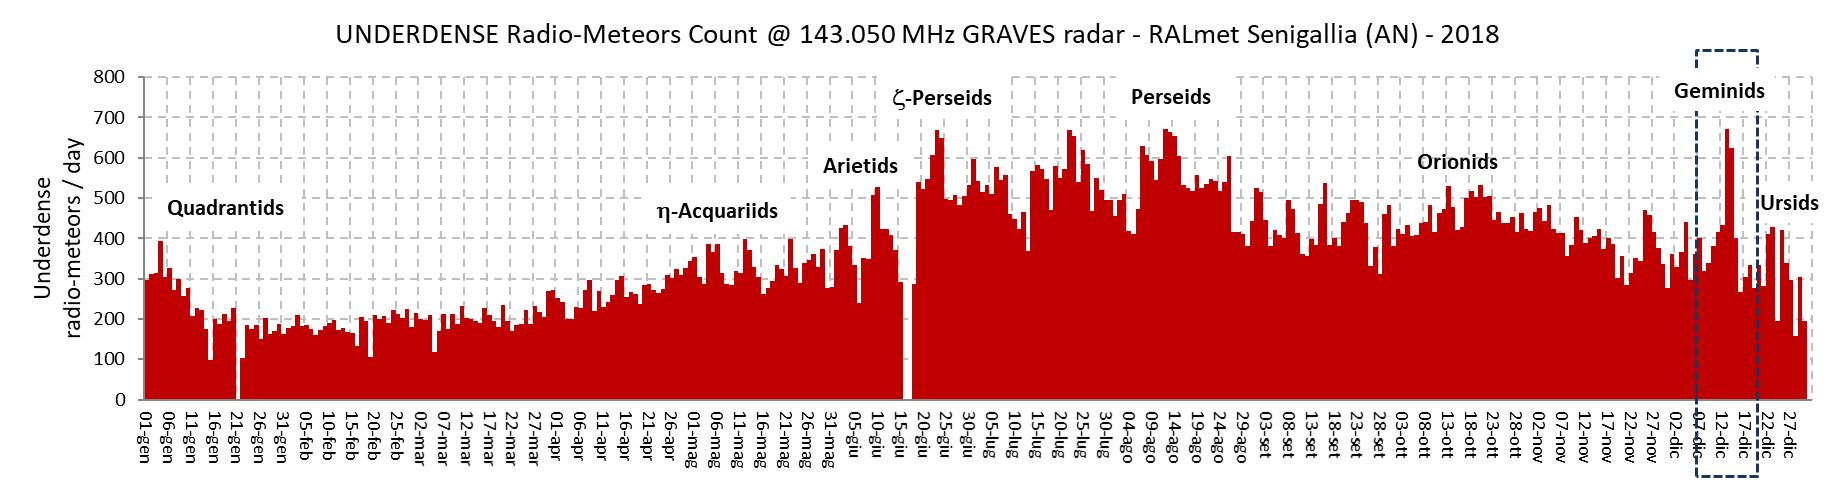 Conteggio annuale dei radio-echi ipodensi: sono evidenziati gli eventi associati allo sciame delle Geminidi.